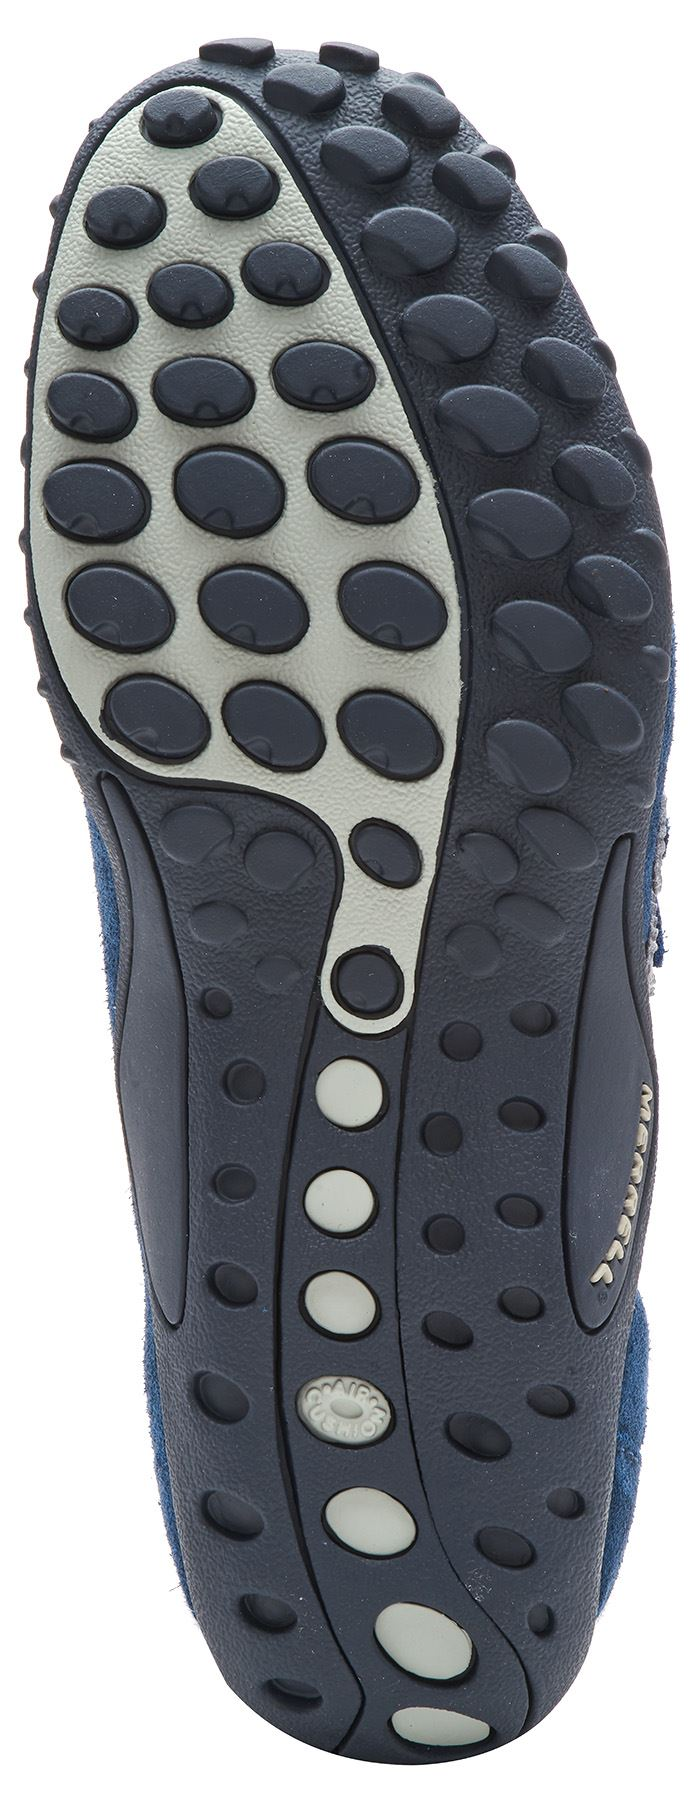 Merrell Sprint Blast Blast Blast Gamuza Zapatos Con Cordones Entrenadores en Humo Gris & Aster Azul 988f02